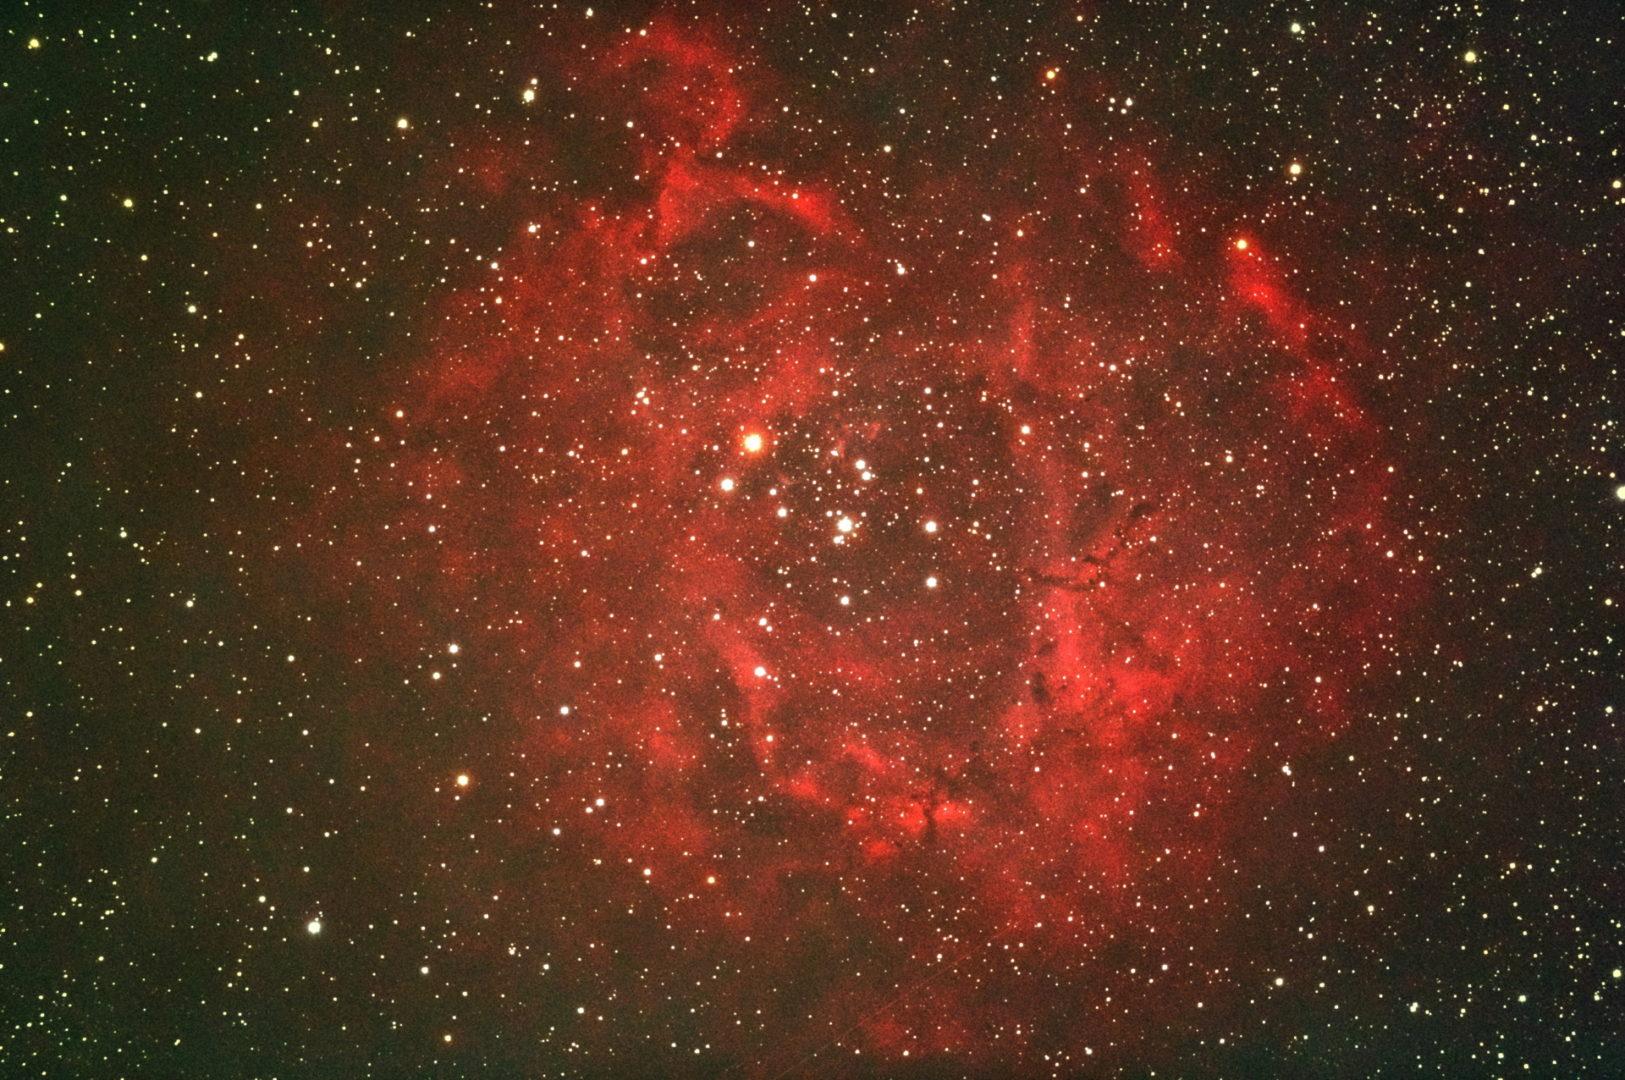 口径15.2cm反射望遠鏡(LXD-55)/F5/PENTAX-KP/ISO25600/カメラダーク/フラットエイドでフラット/露出20秒×29枚を加算平均コンポジットした2017年09月26日04時22分38秒から撮影したNGC2237(バラ星雲)の天体写真です。